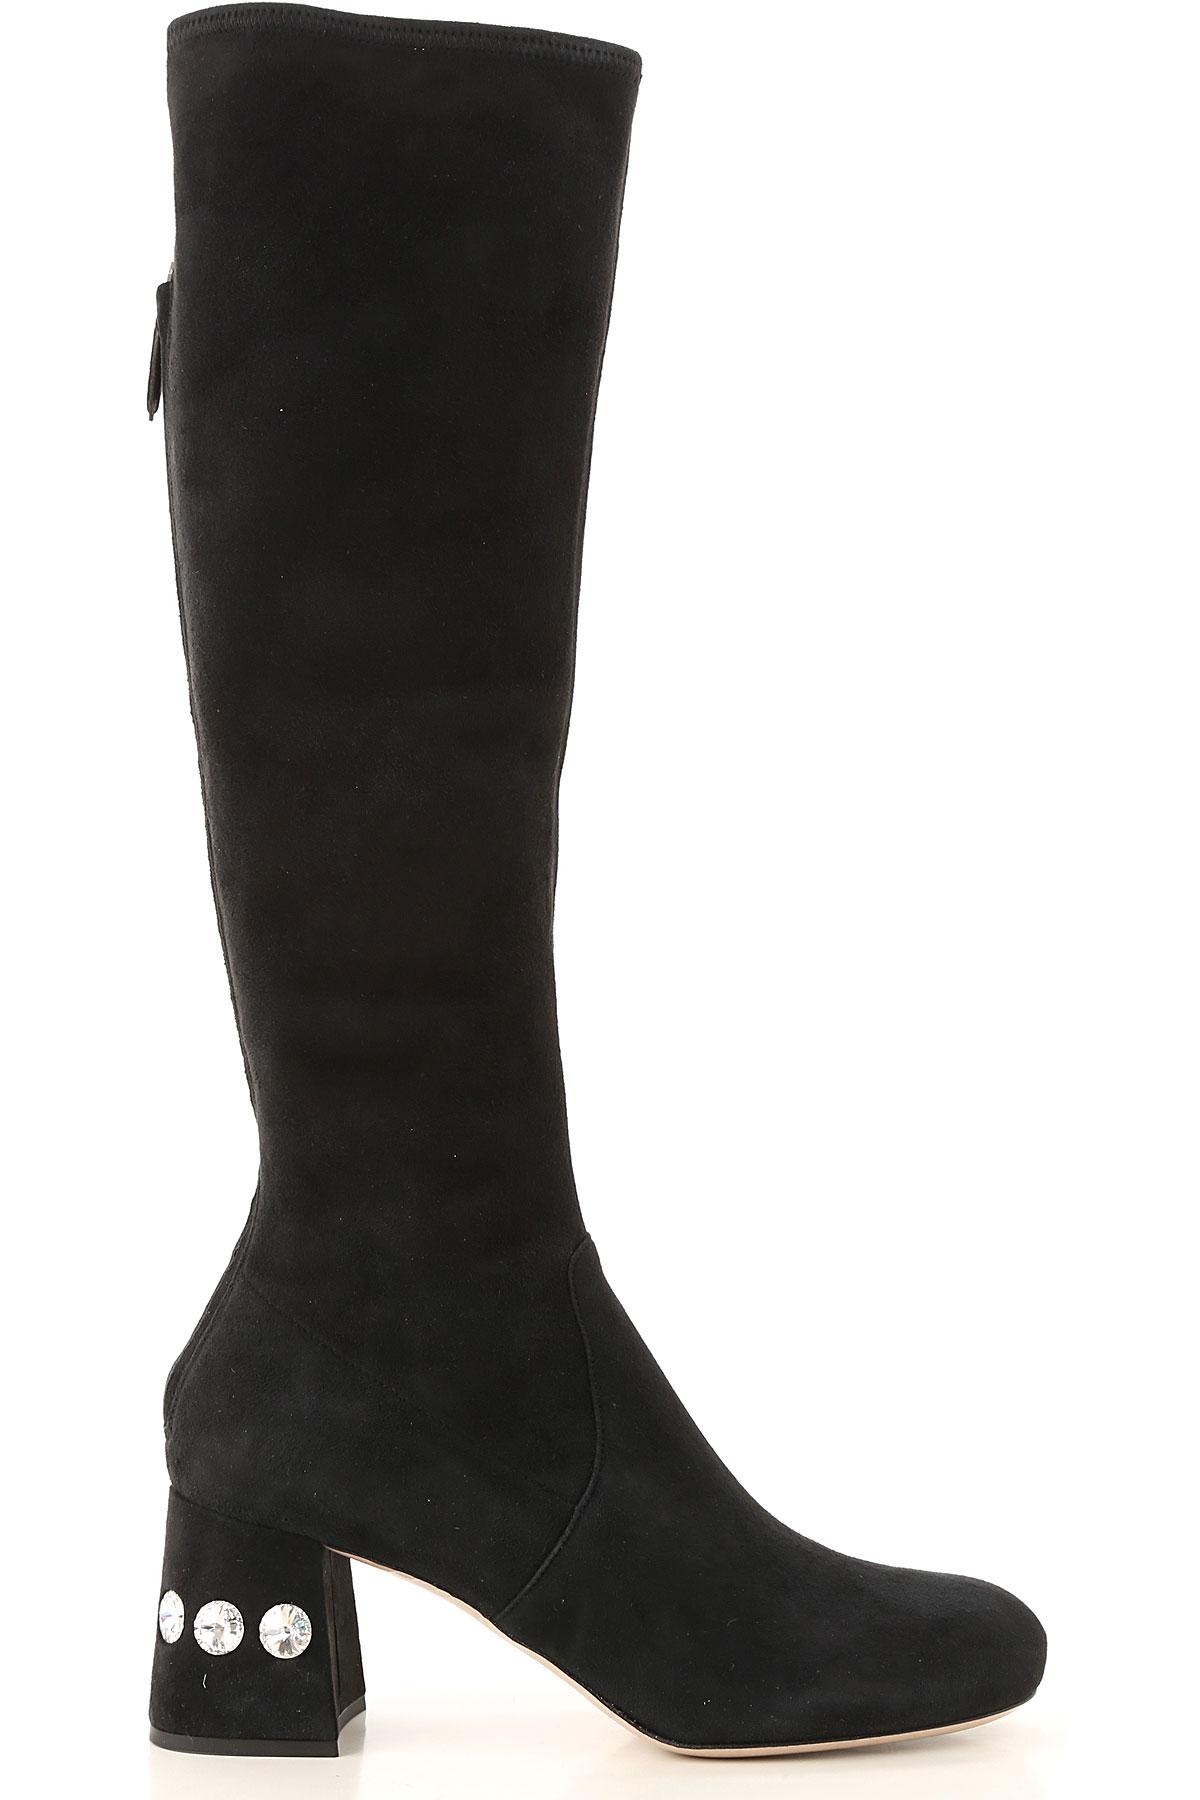 Botas de Mujer Miu Miu de color Negro